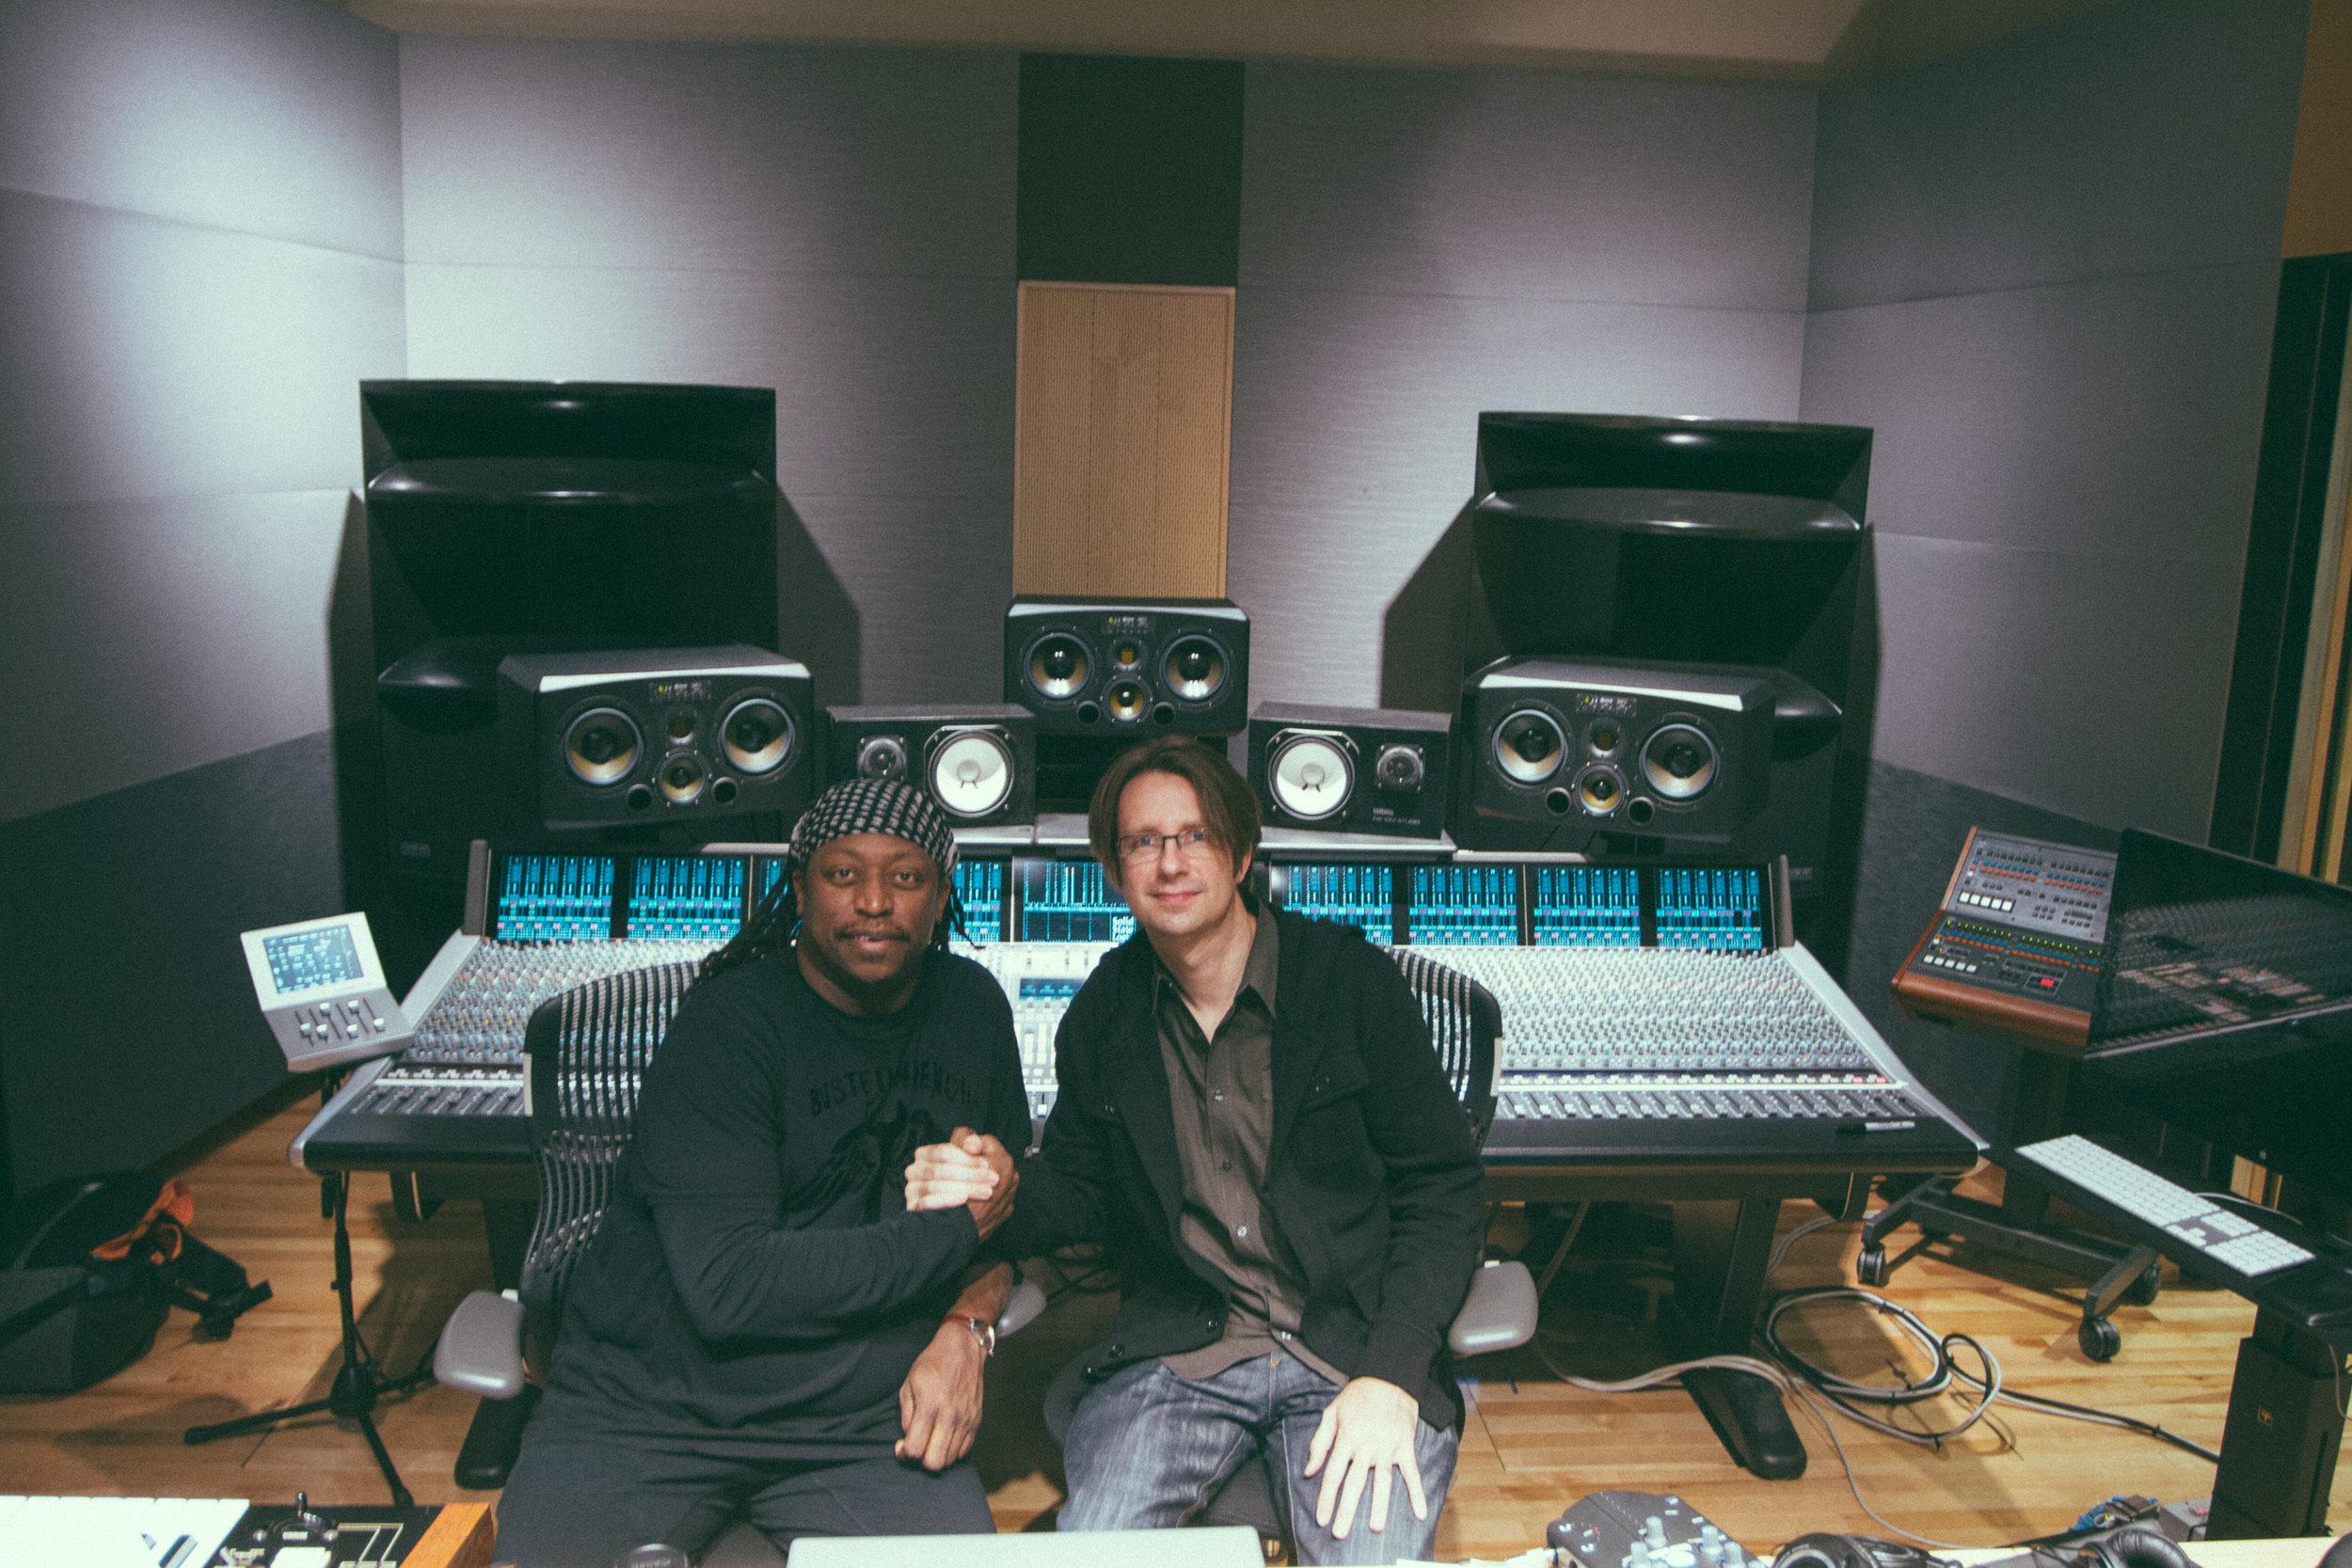 Working with Darryl Jones at Blade Studios